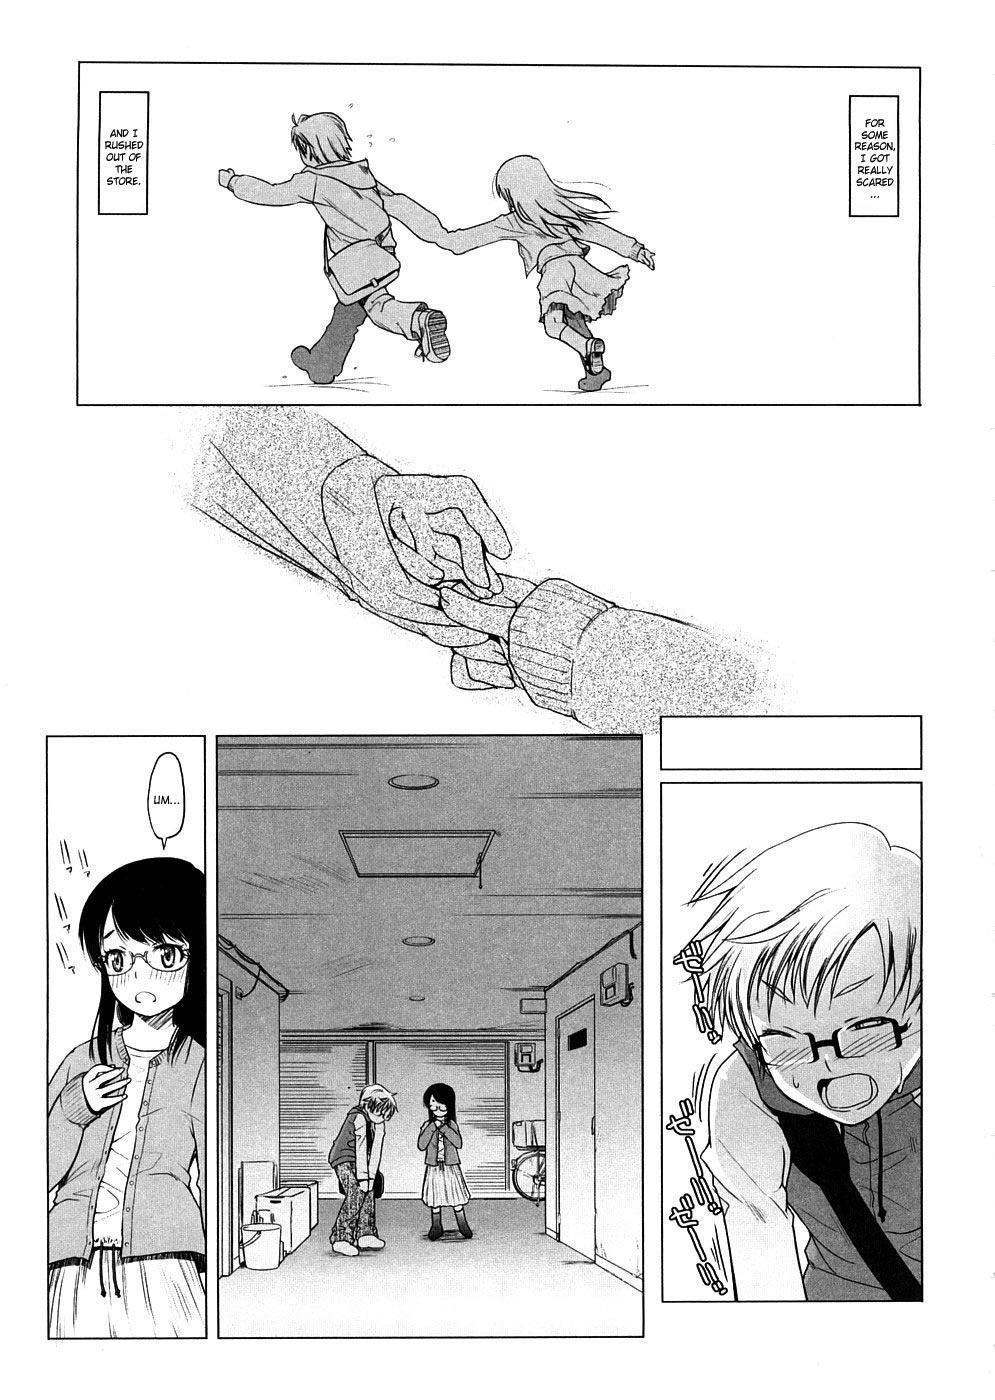 [Asaki Takayuki] Sho-Pan!! Ch.1-9 [English] [SaHa] 74